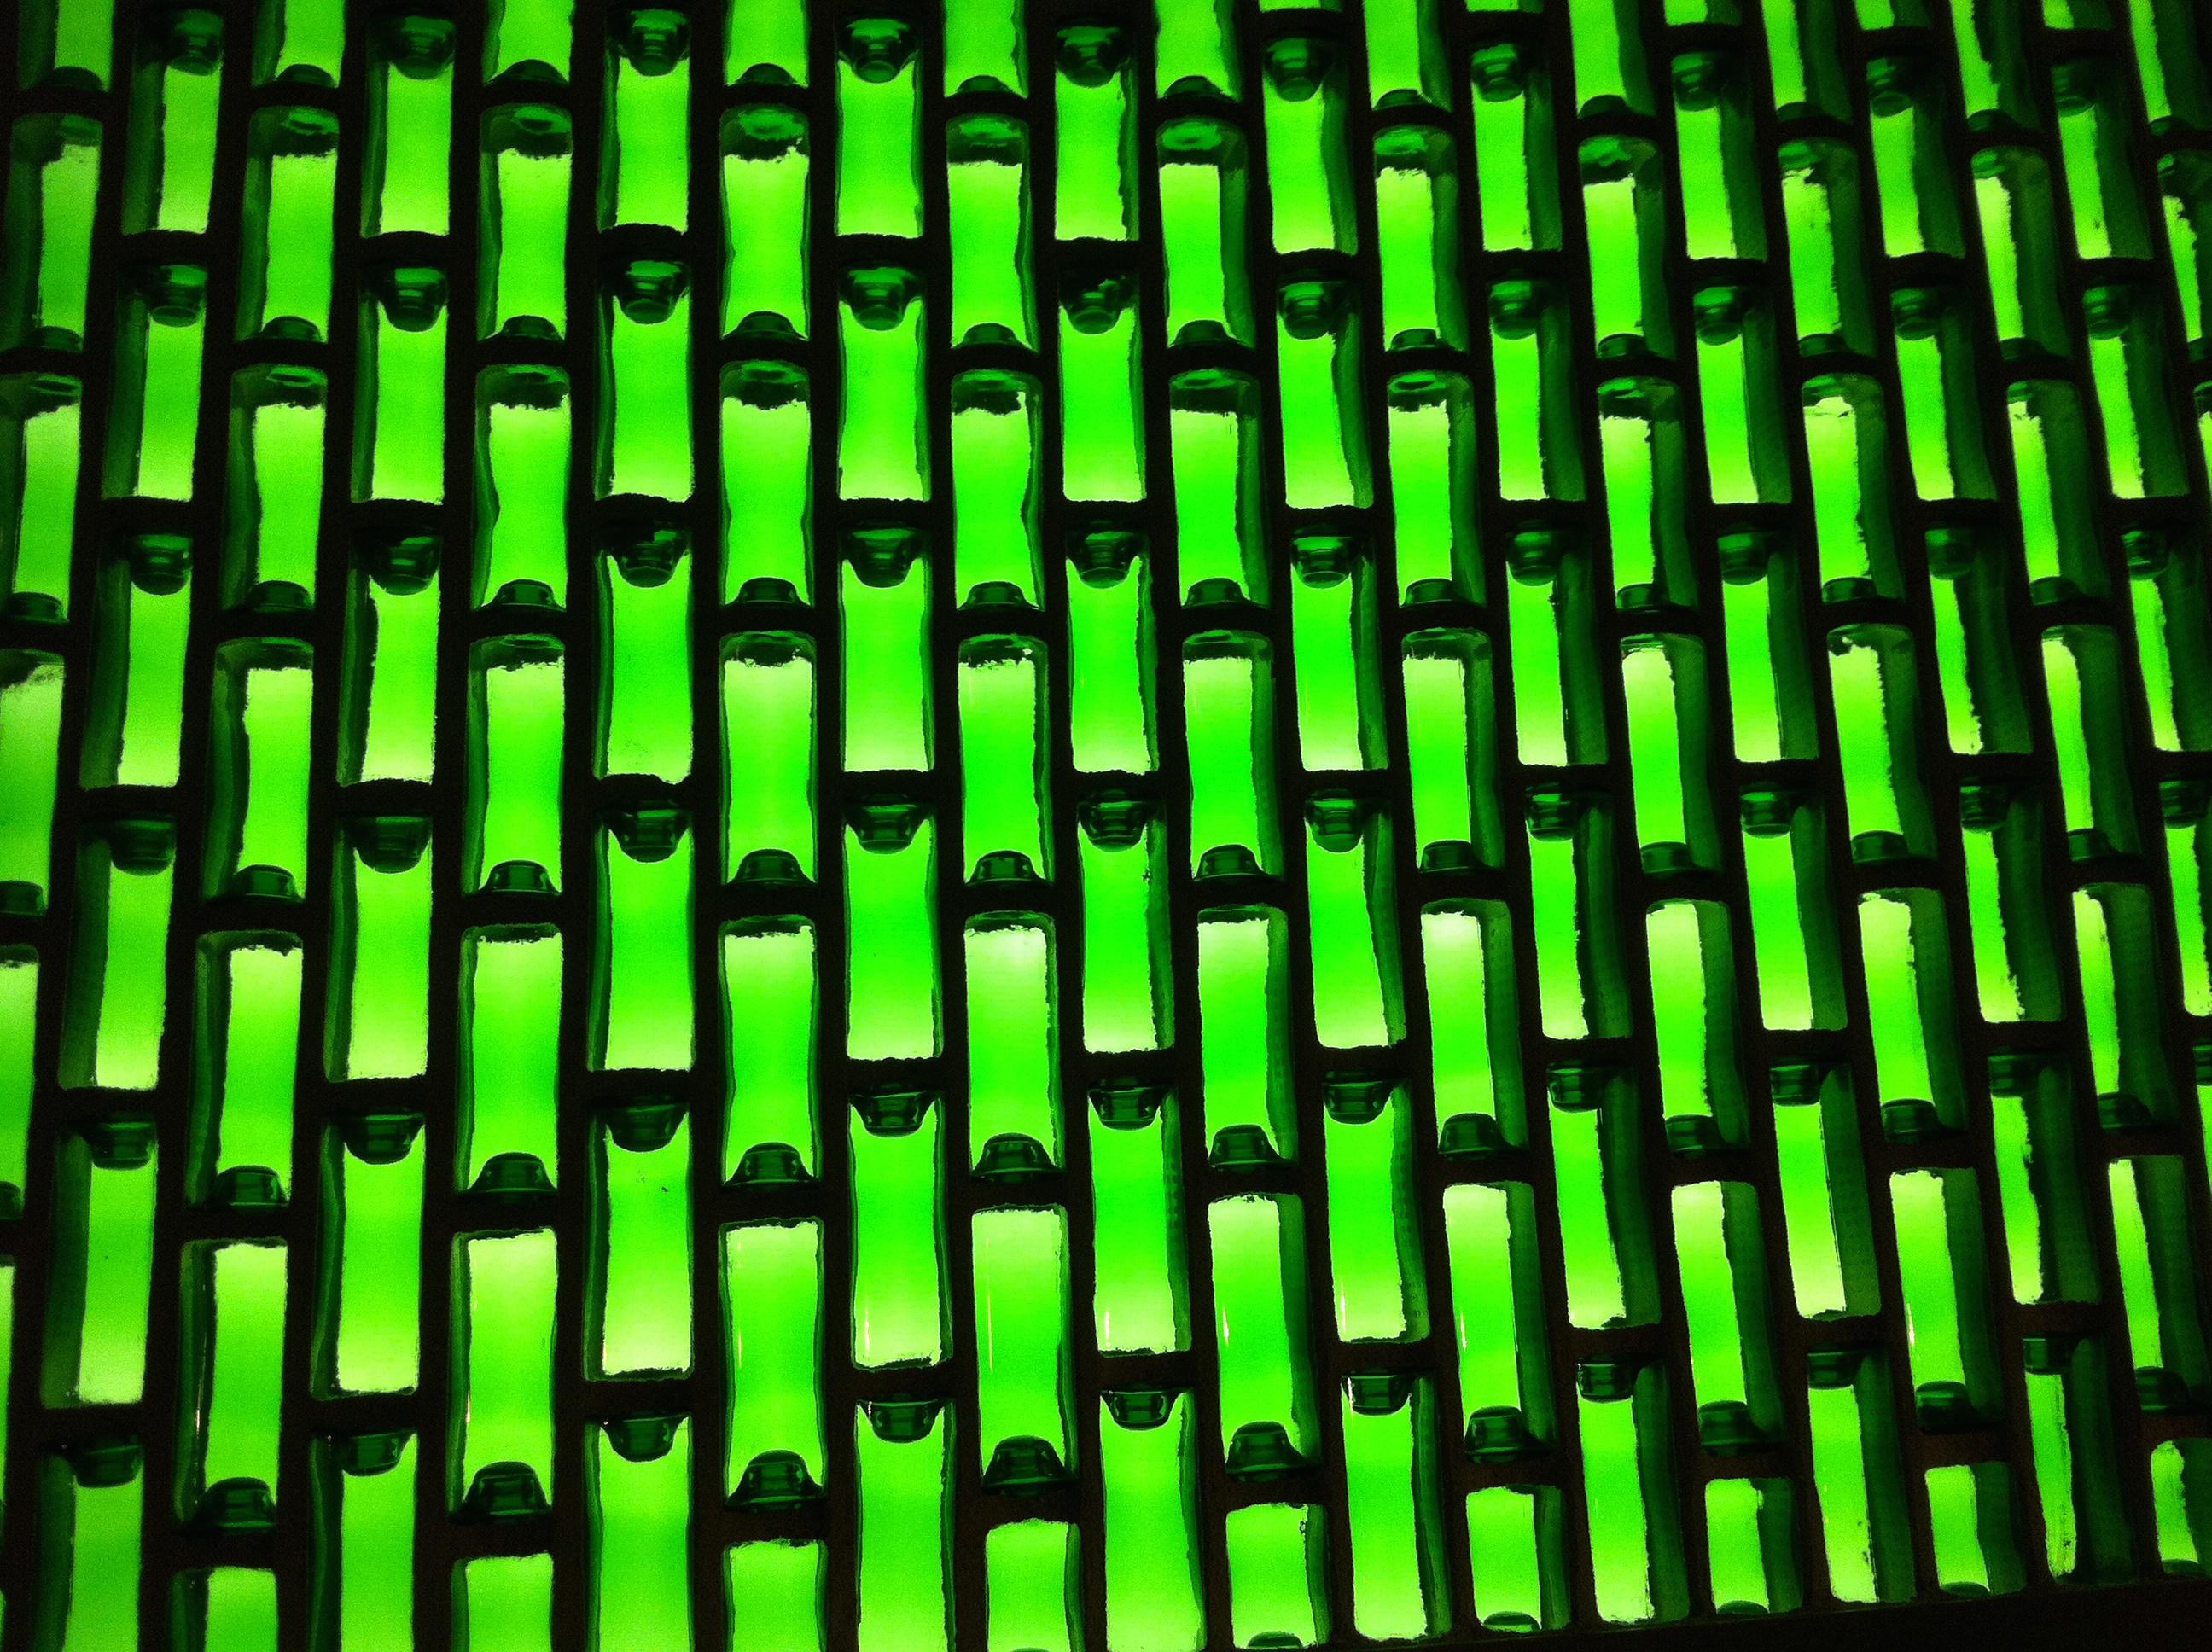 La WOBO, une bouteille Heineken, a faillit changer le monde